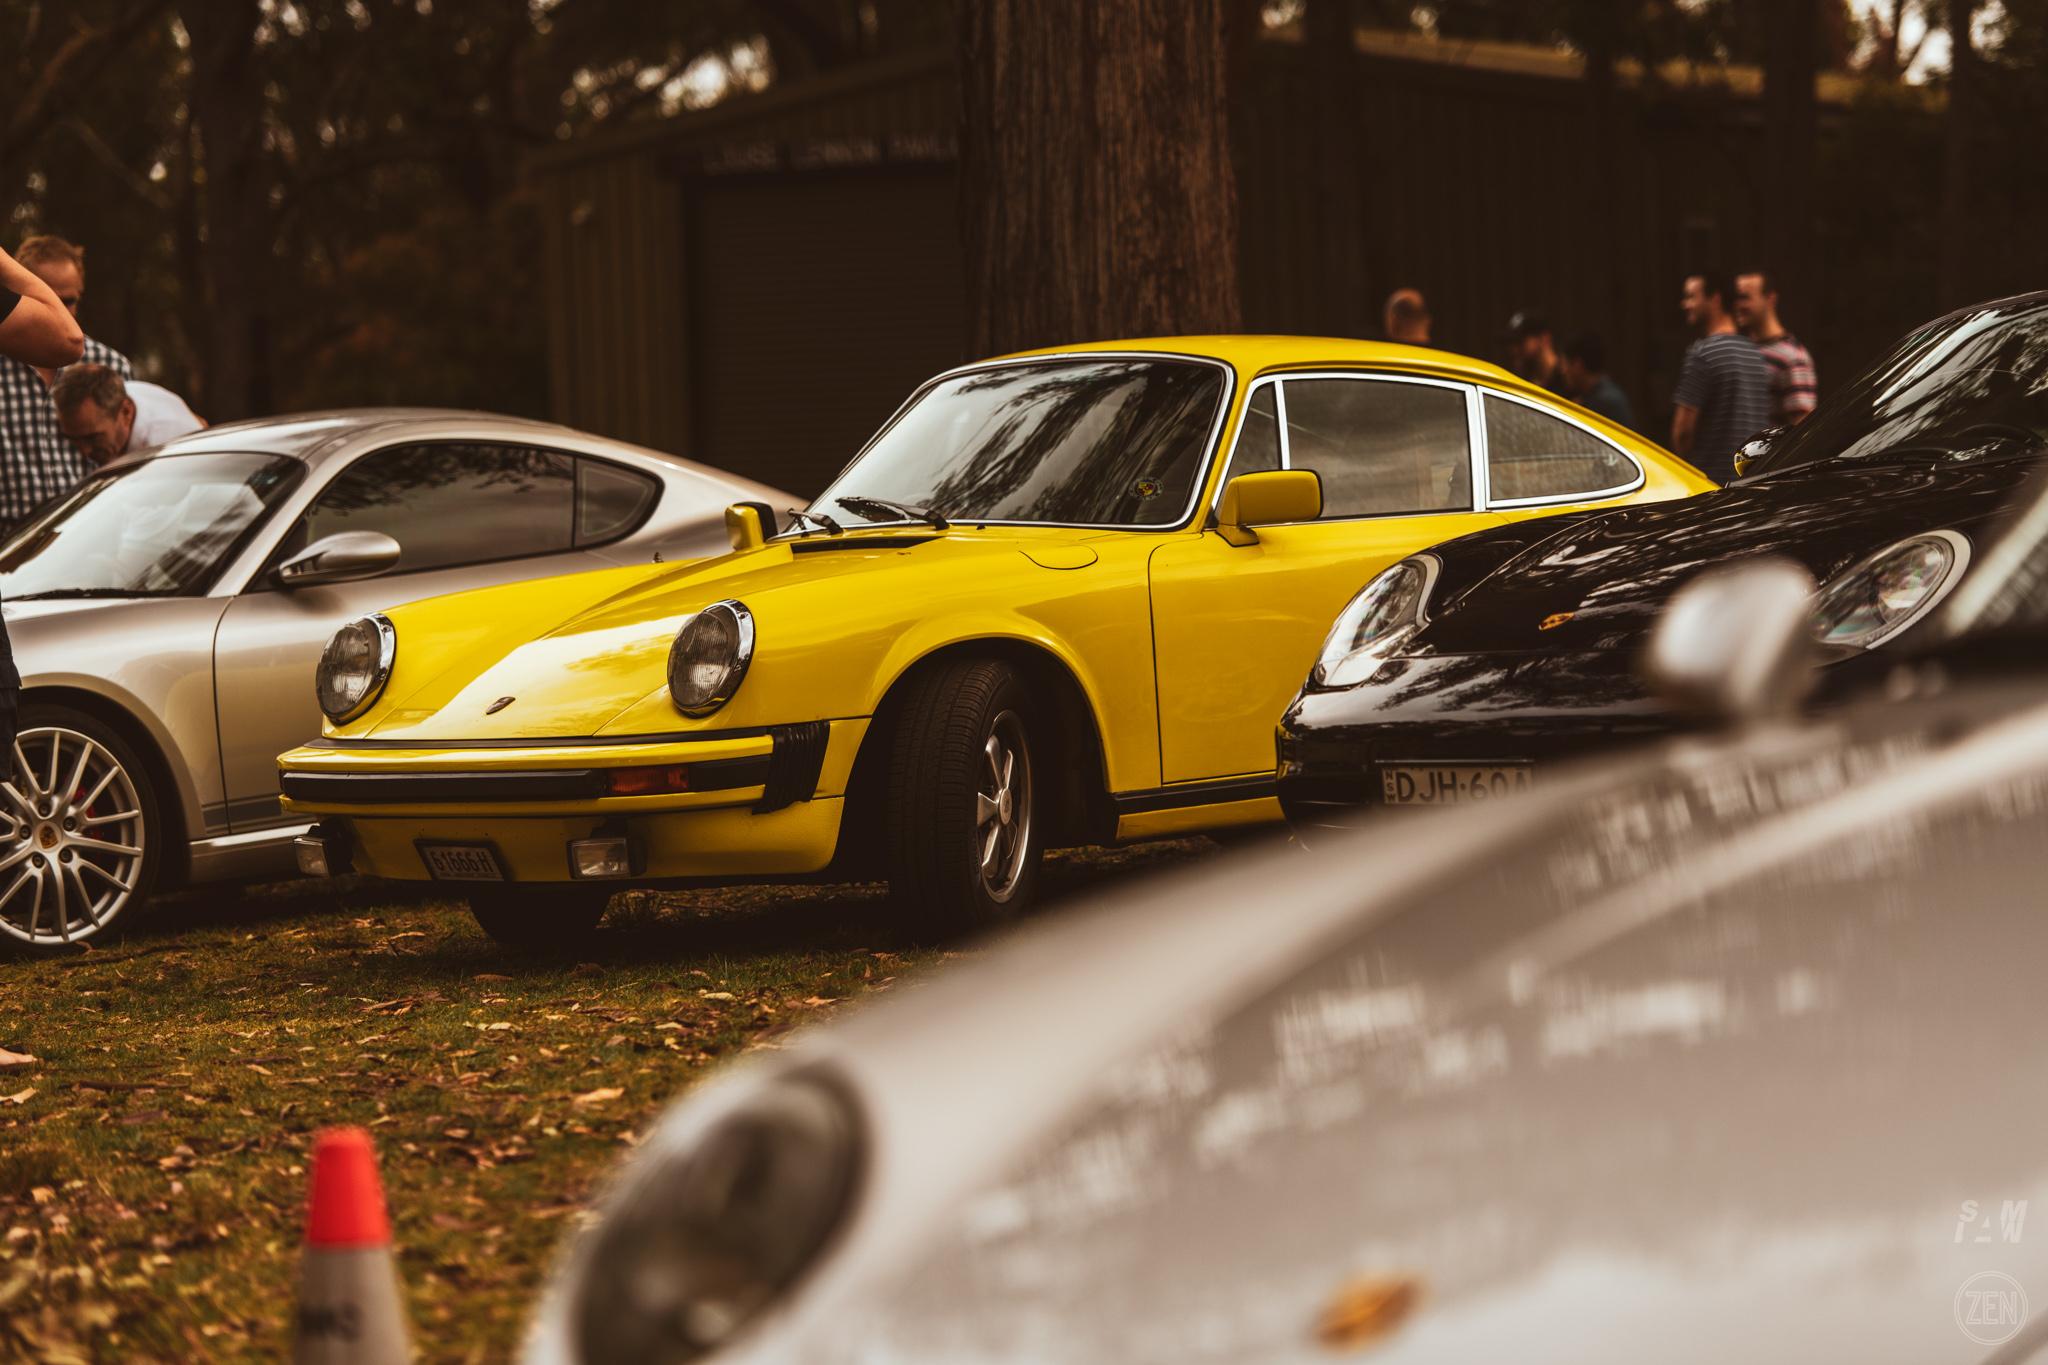 2019-12-08 - Porsches & Coffee 123